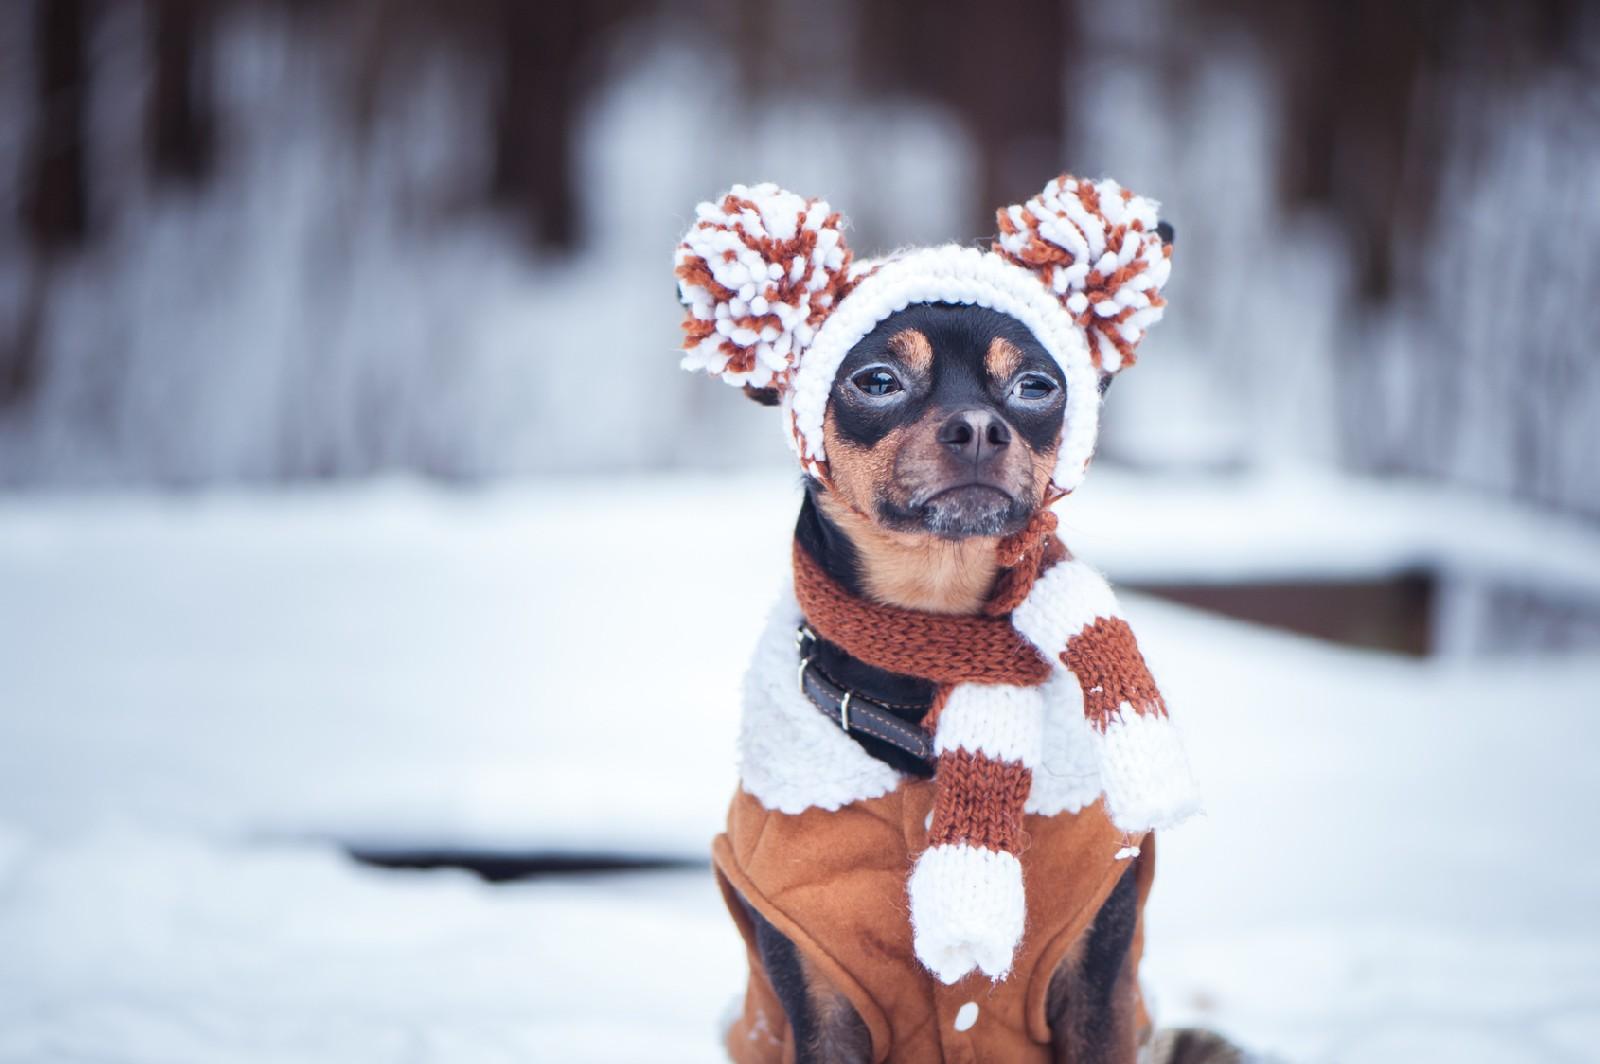 Ubrania dla psa - kapryśna moda czy konieczność?